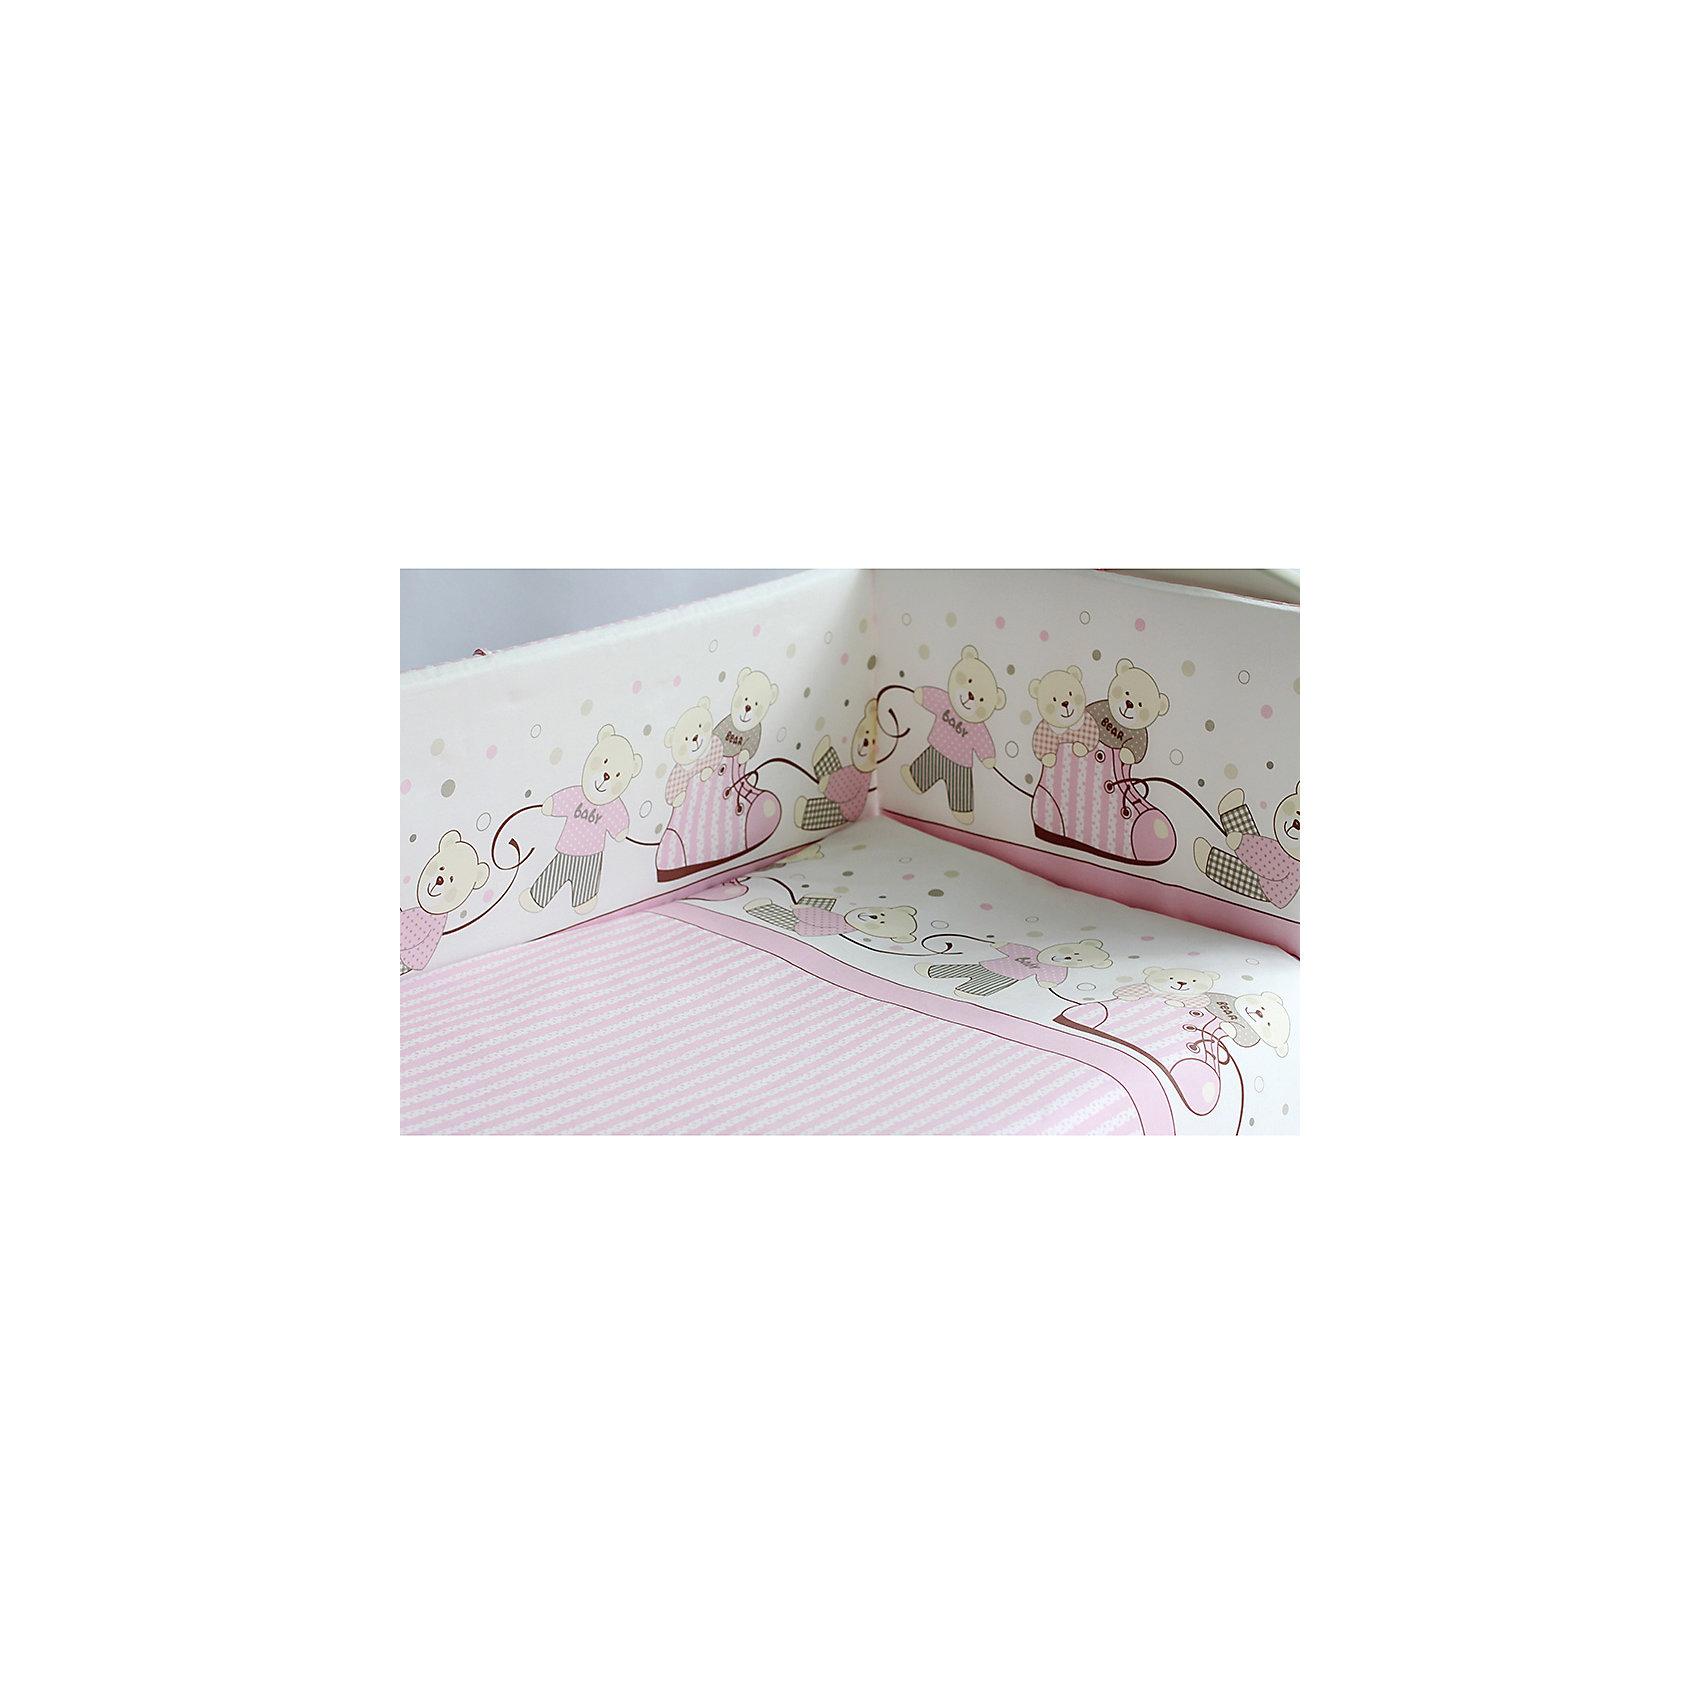 Комплект в кроватку Мишки, 6 пред., Pituso, розовыйПостельное бельё<br>Характеристики товара:<br><br>• возраст с рождения;<br>• материал: бязь, хлопок;<br>• бортик в кроватку из 4 частей 120х60 см<br>• пододеяльник 147х112 см<br>• наволочка 60х40 см<br>• простыня на резинке 100х150 см<br>• одеяло 140х110 см<br>• подушка 60х40 см;<br>• размер упаковки 59х45х28 см;<br>• вес упаковки 2,8 кг;<br>• страна производитель: Россия.<br><br>Комплект в кроватку Мишки Pituso розовый обеспечит крохе уют и спокойный сон. Наполнитель является экологическим и безопасным для детей, он пропускает воздух, не вызывает аллергических реакций, в нем не заводятся вредные микроорганизмы. Изготовлен комплект из натурального мягкого хлопка, который легко стирается, не теряет цвет.<br><br>Комплект в кроватку Мишки Pituso розовый 6 предметов можно приобрести в нашем интернет-магазине.<br><br>Ширина мм: 590<br>Глубина мм: 450<br>Высота мм: 280<br>Вес г: 2800<br>Возраст от месяцев: 0<br>Возраст до месяцев: 36<br>Пол: Унисекс<br>Возраст: Детский<br>SKU: 5563663